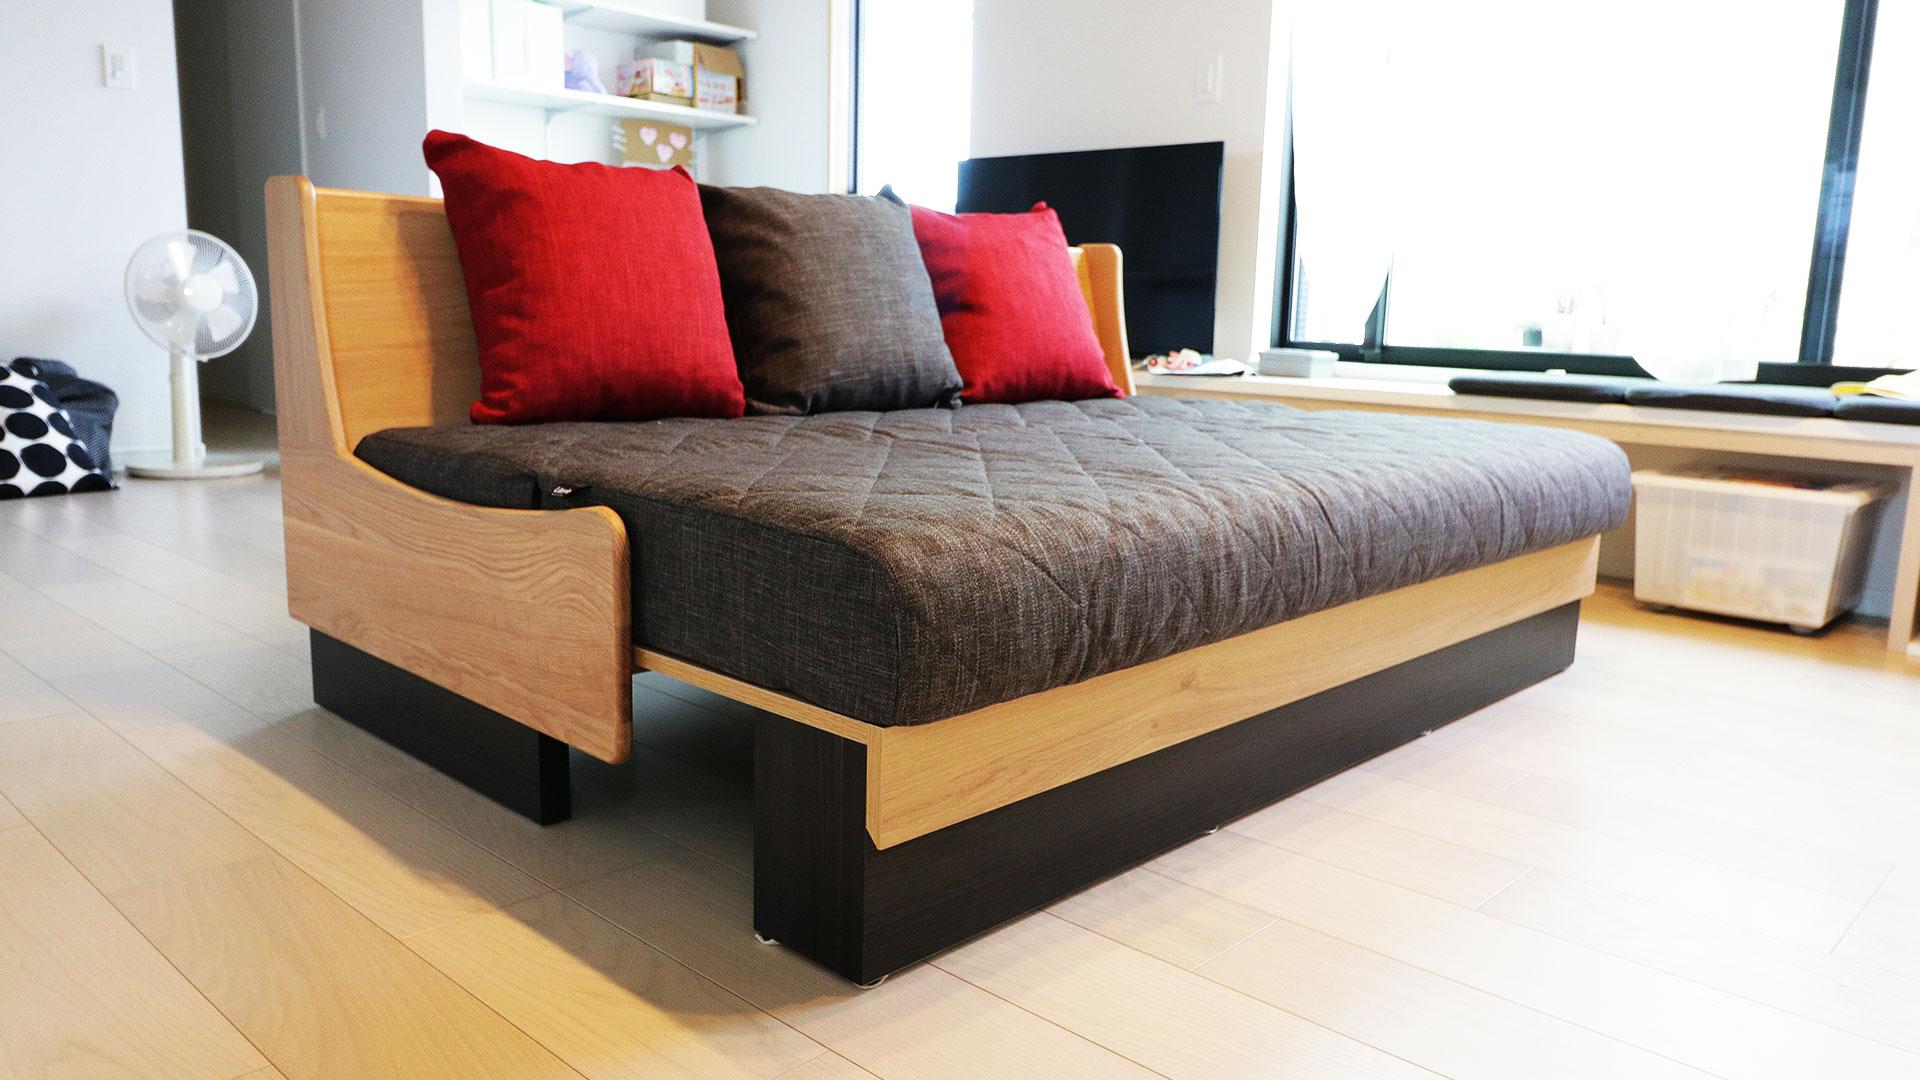 モーブルの横幅160㎝のドロシー。本体の色がNA色でクッションがダークグレーのソファ。座面を広げてベッドの状態にした時の斜め下からの写真